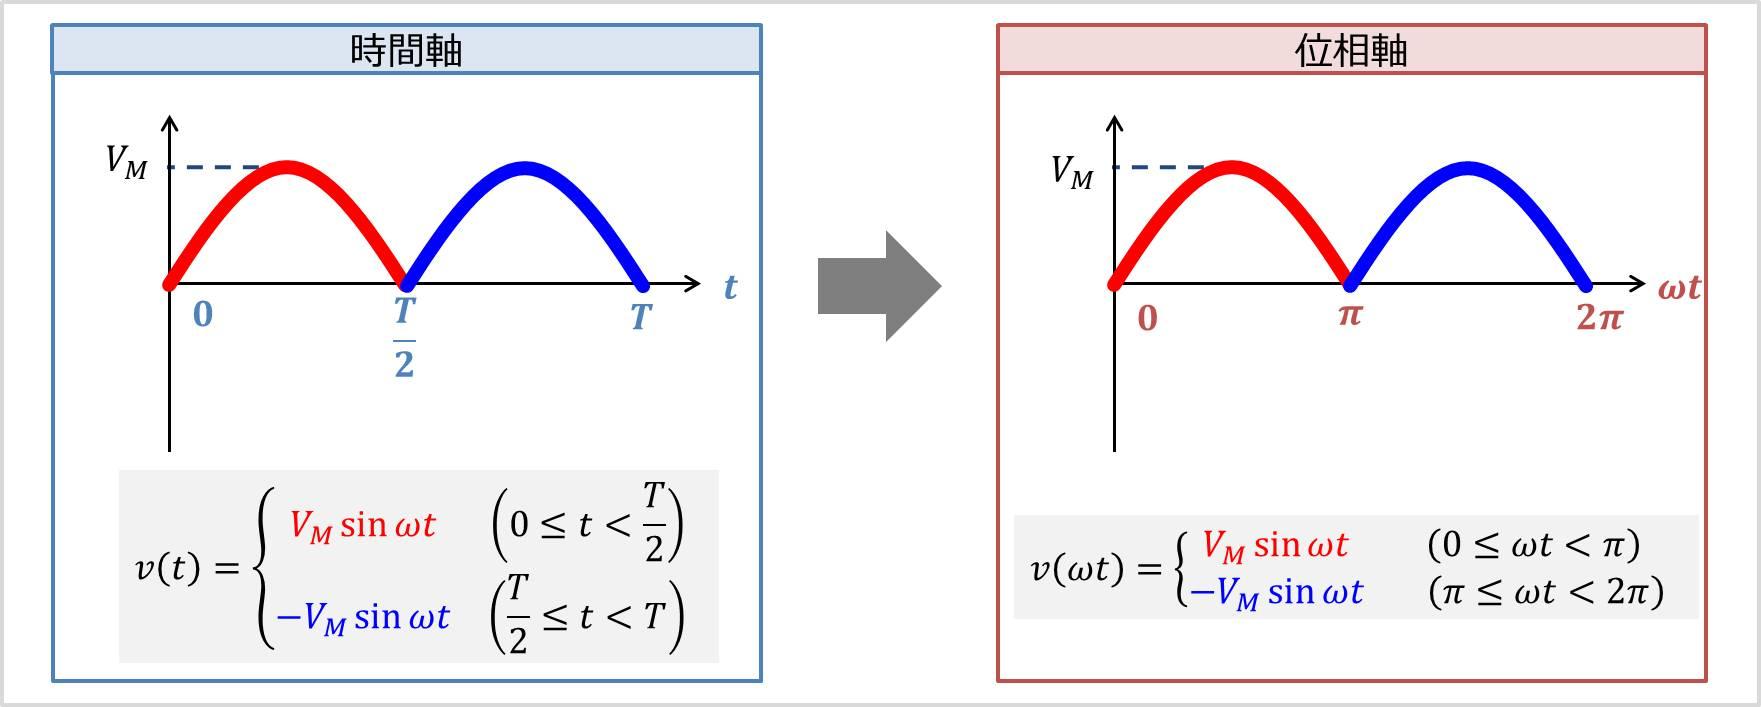 【全波整流波】時間軸(横軸t)を位相軸(横軸ωt)に変換する